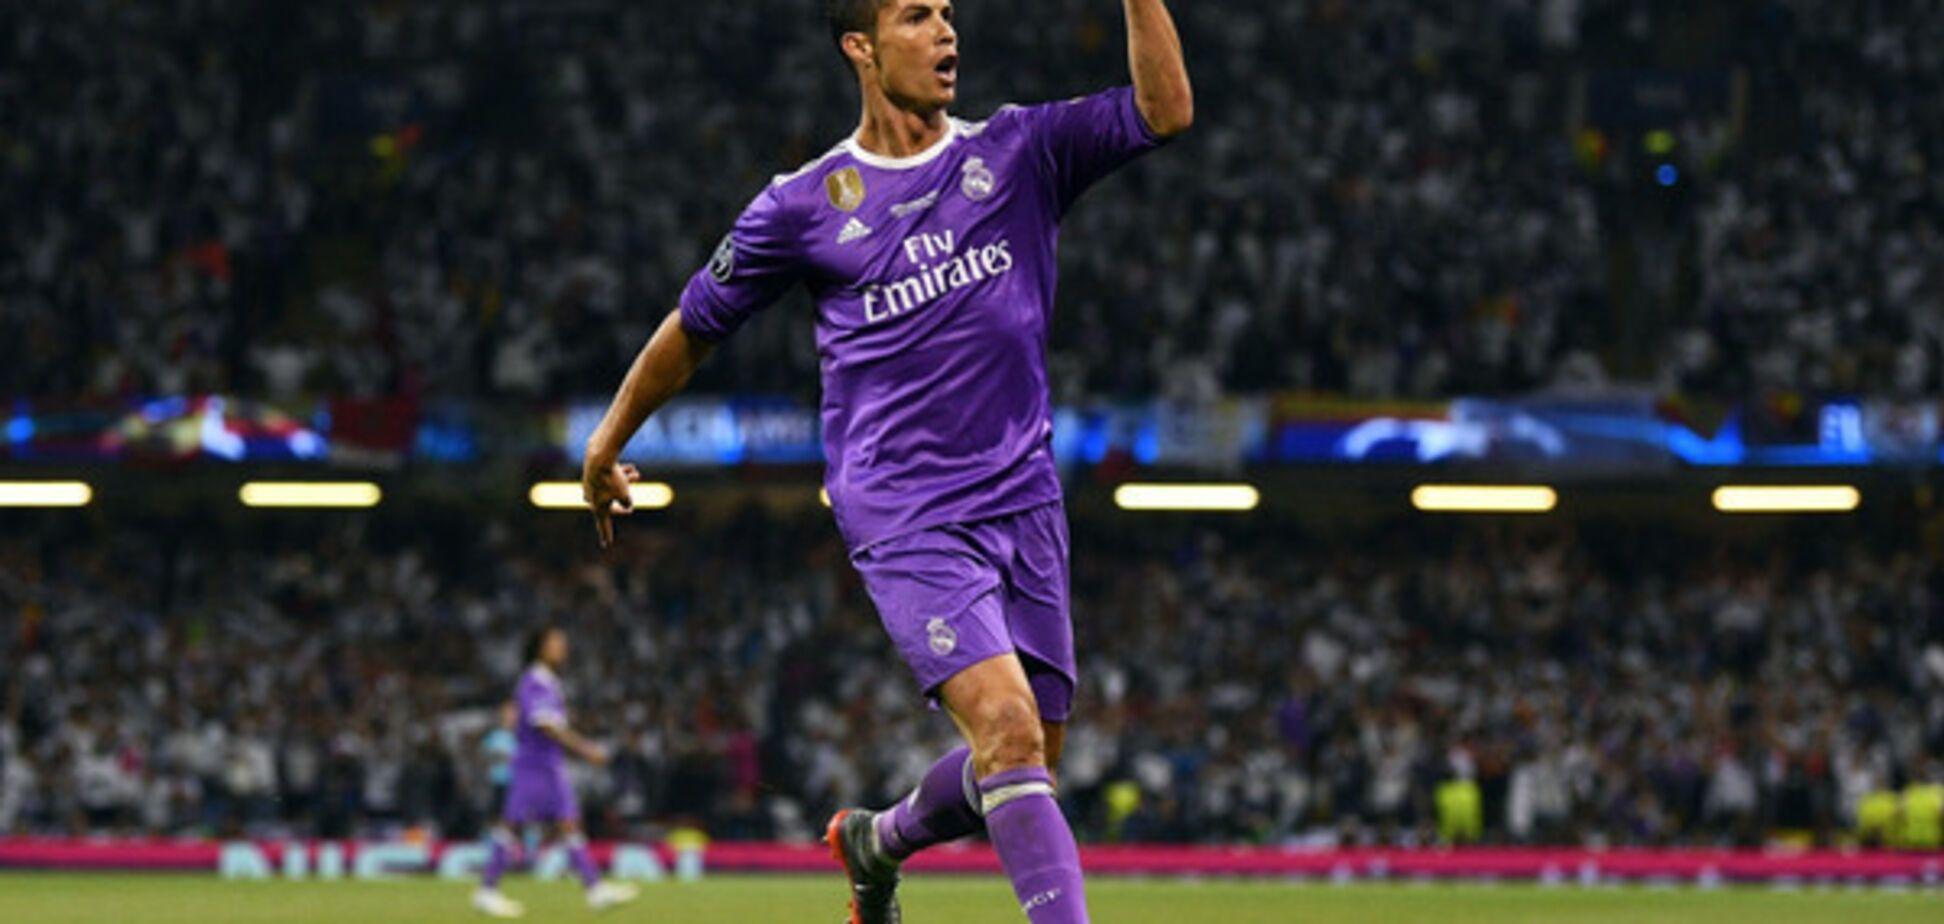 'Реал' обіграв 'Ювентус' у фіналі Ліги чемпіонів